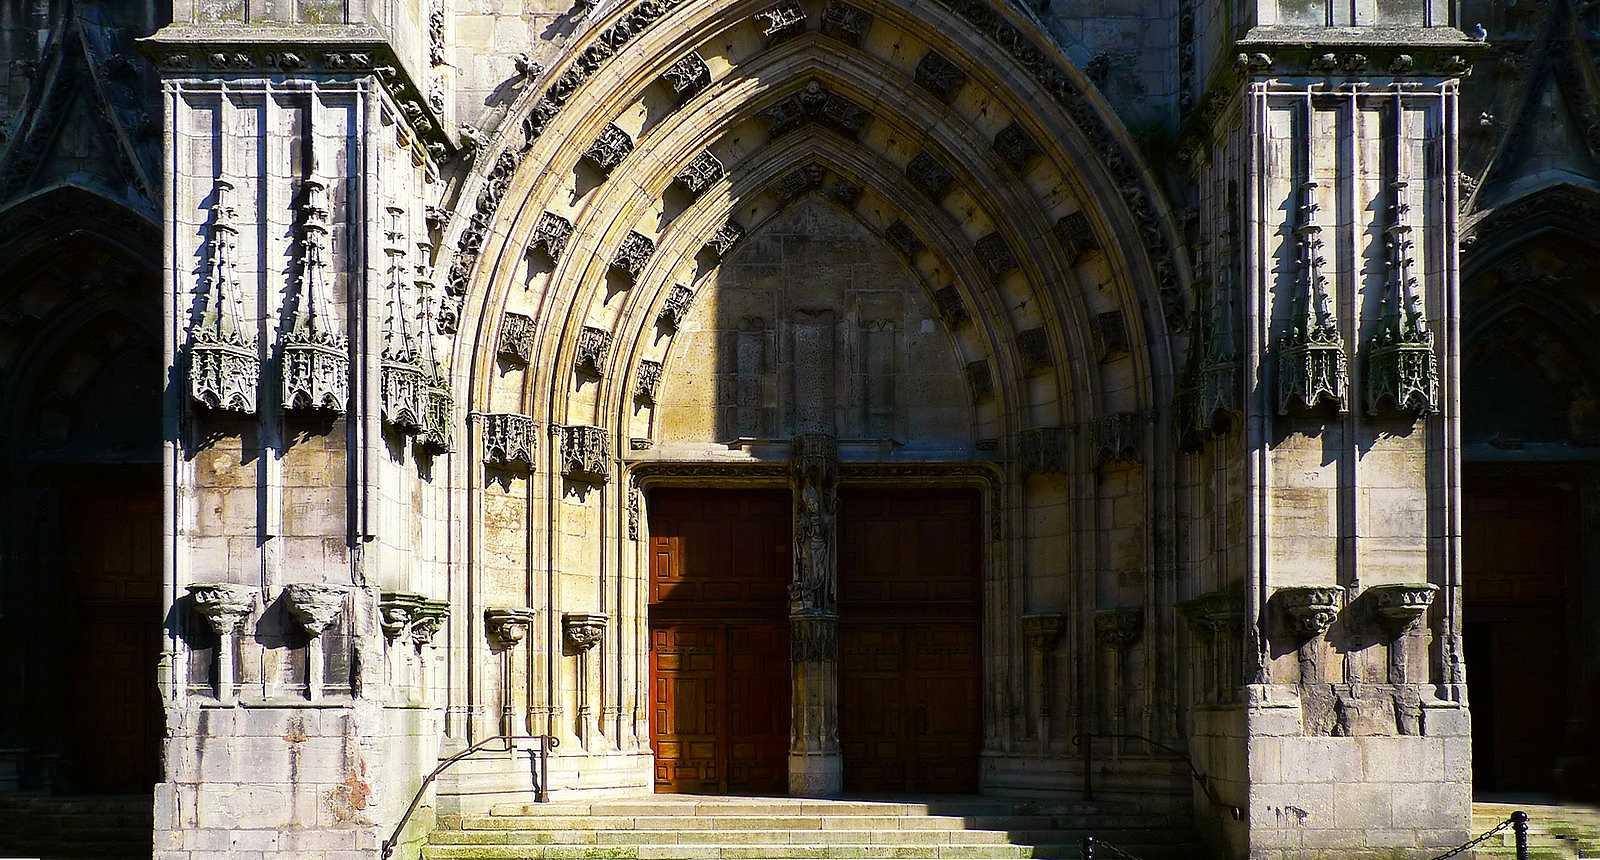 Portail de l'église Saint-Nicolas à Saint-Nicolas-de-Port